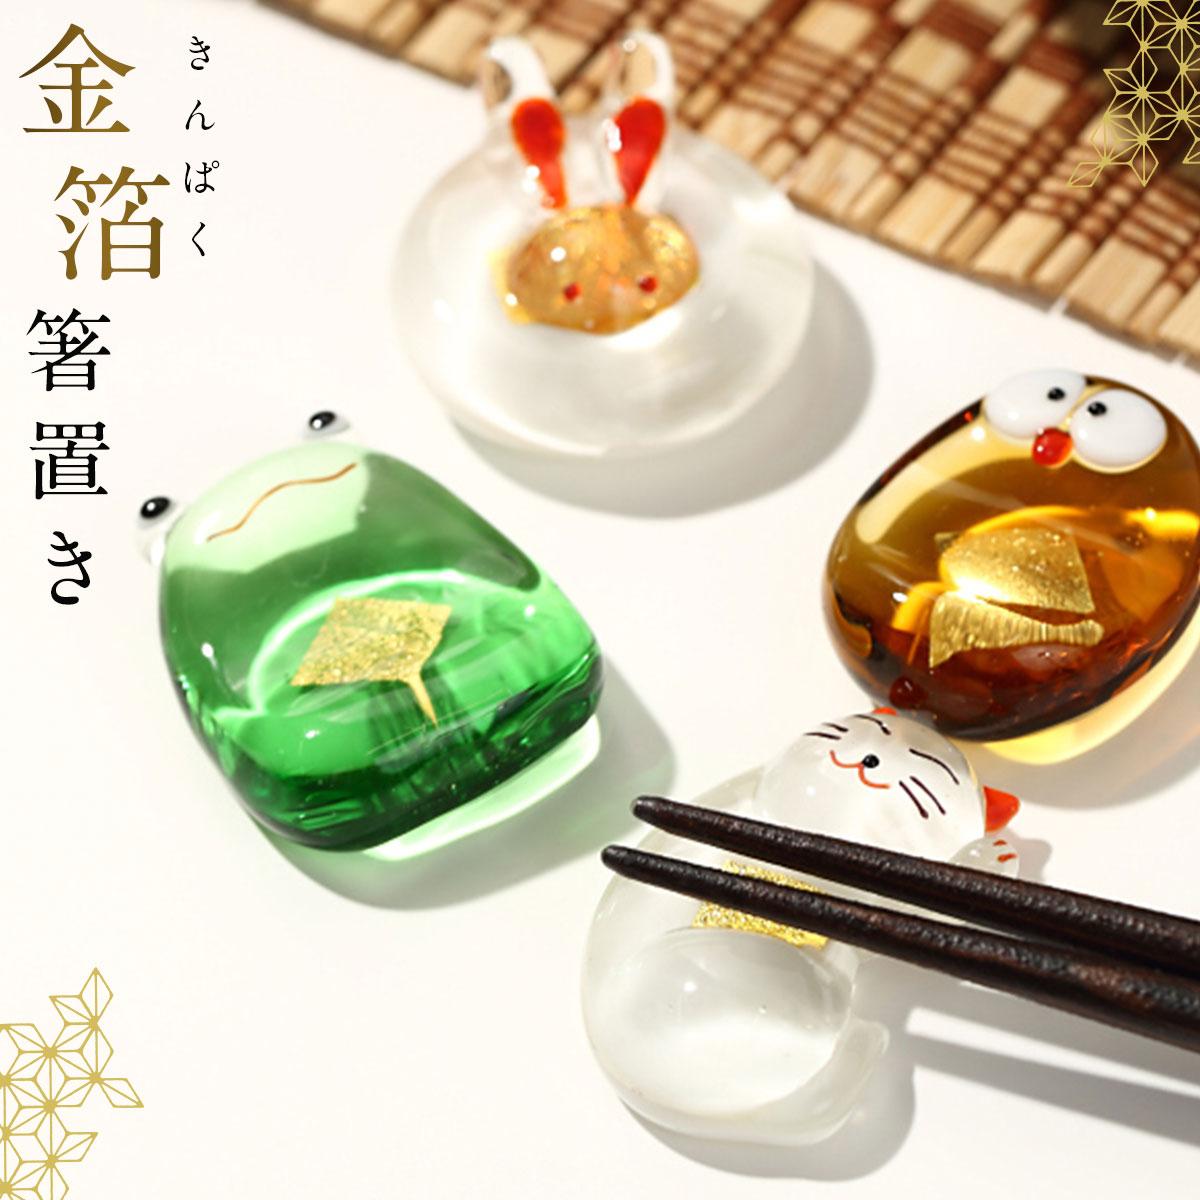 ガラス箸置招金猫 ギフト プレゼント【RCP】 誕生日 還暦祝い 古希 喜寿 敬老の日 母の日 父の日